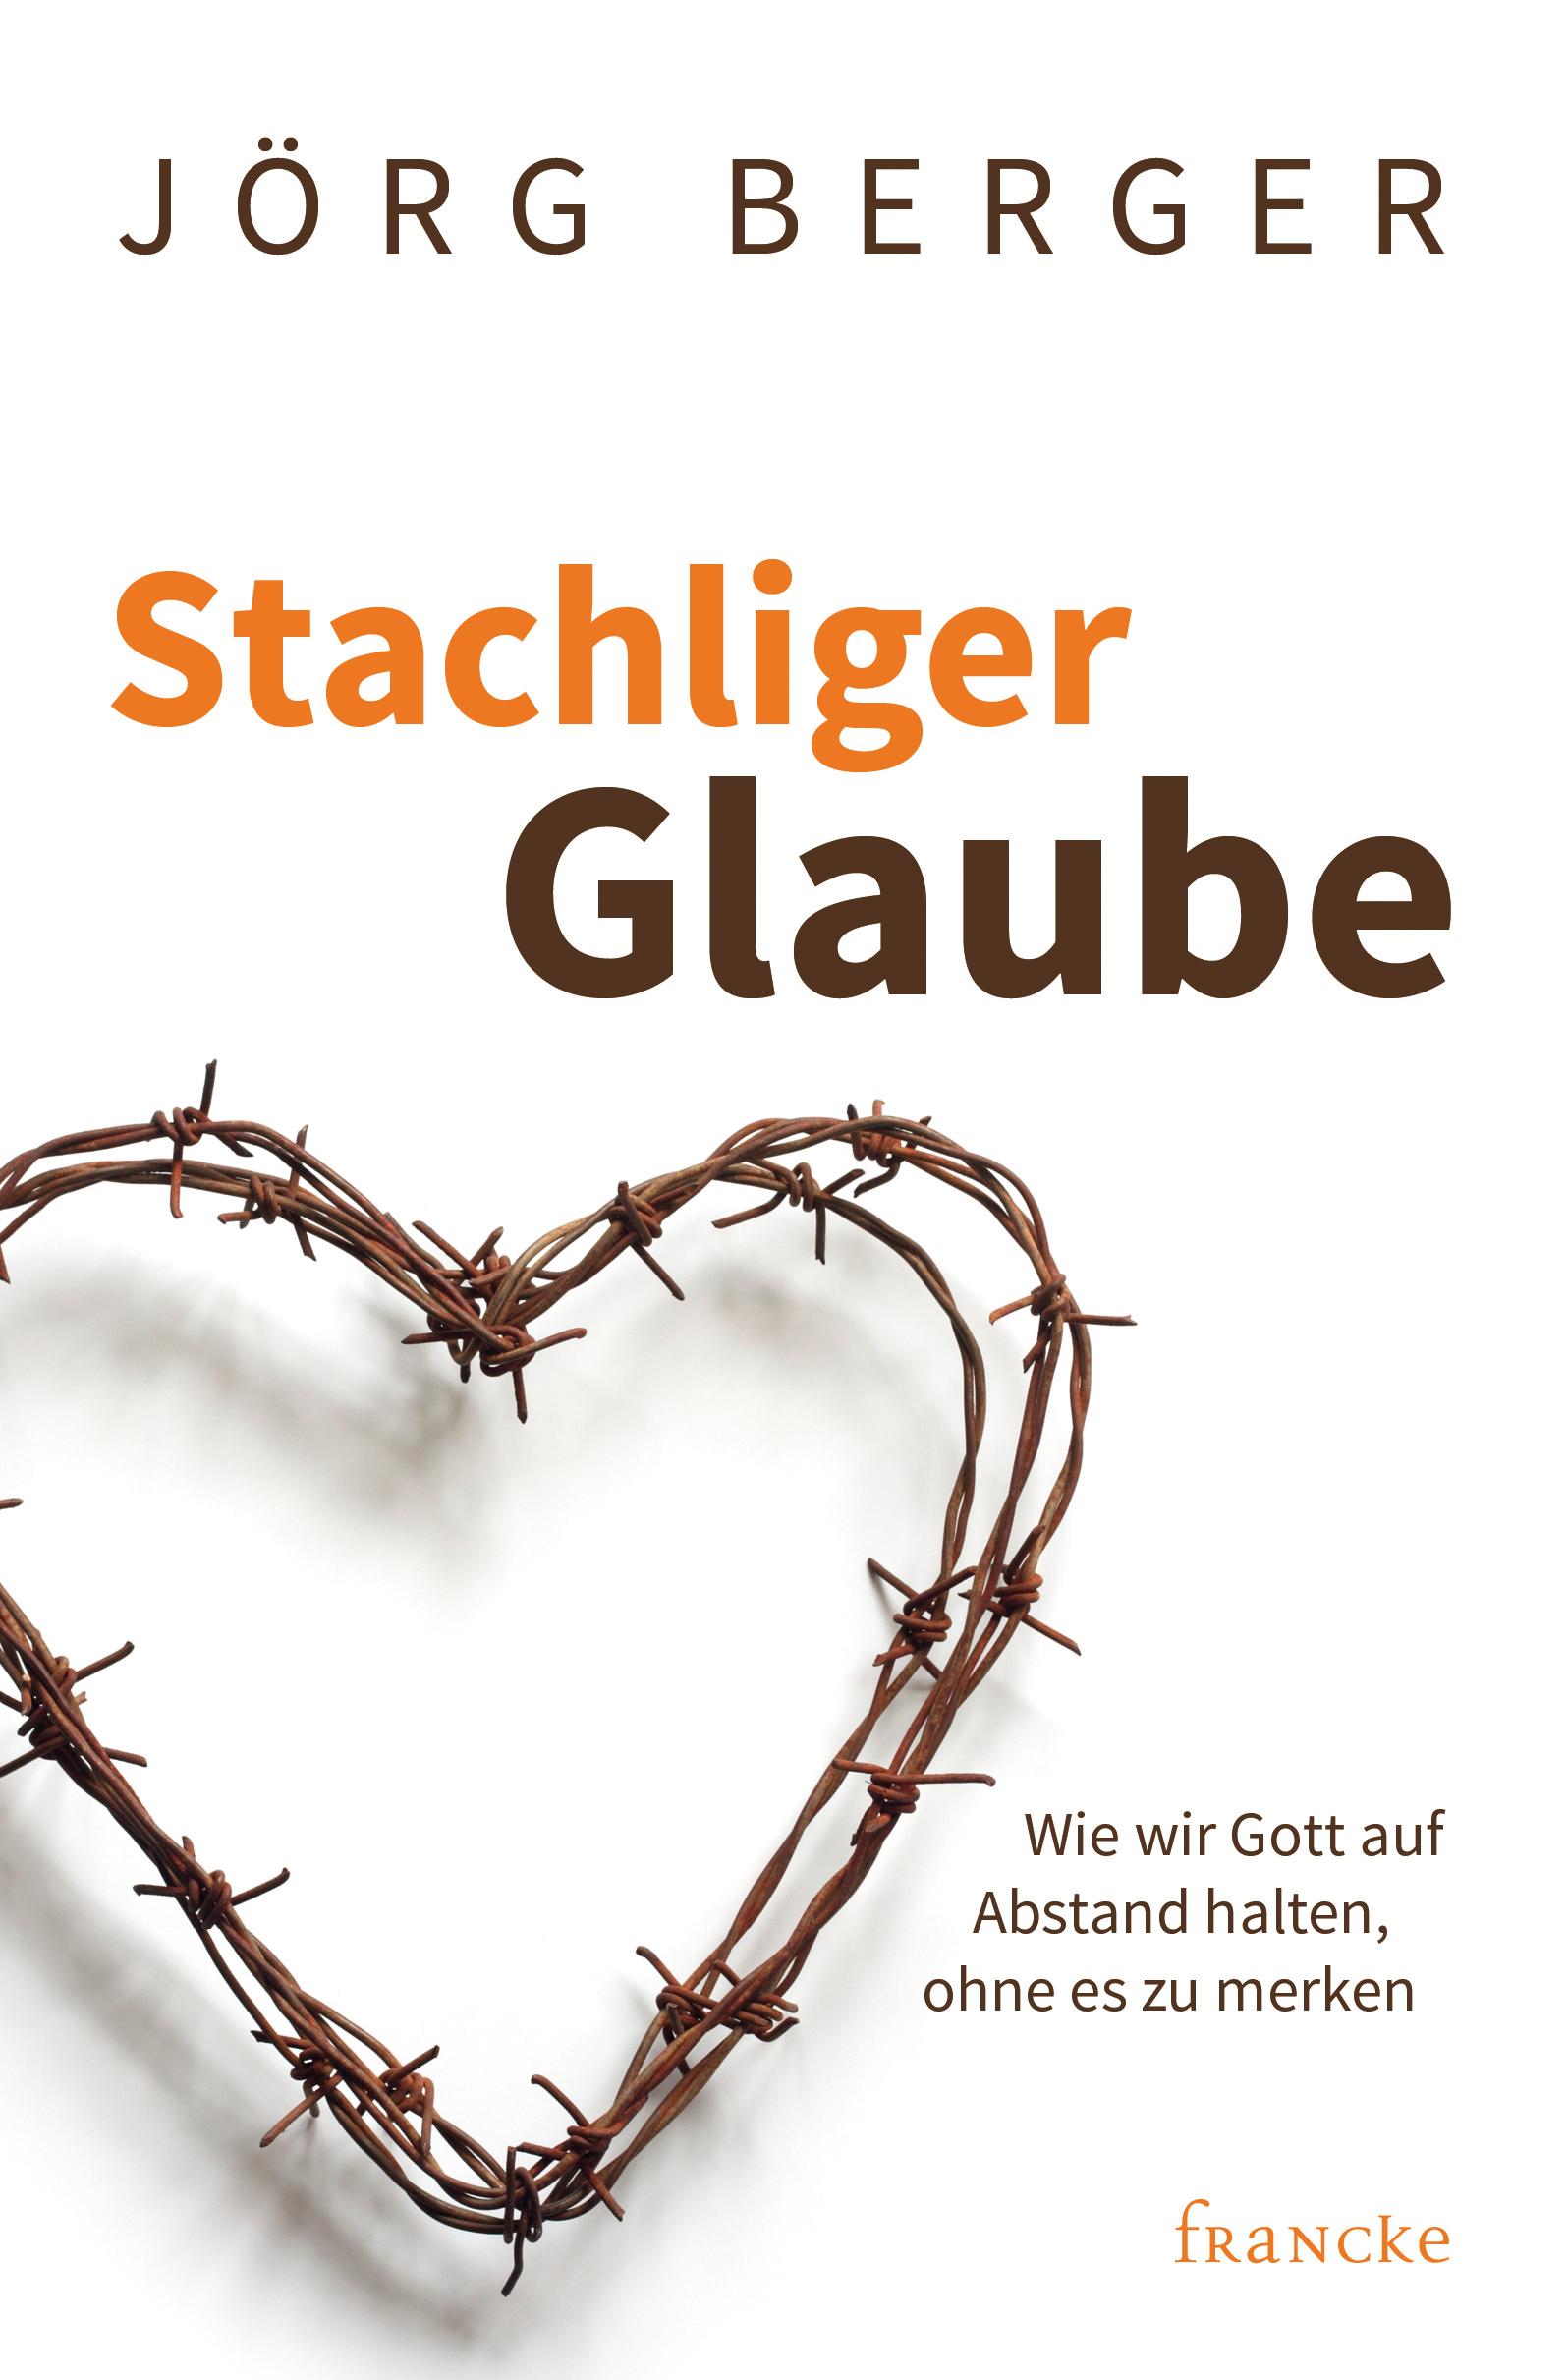 francke › Stachliger Glaube Jörg Berger